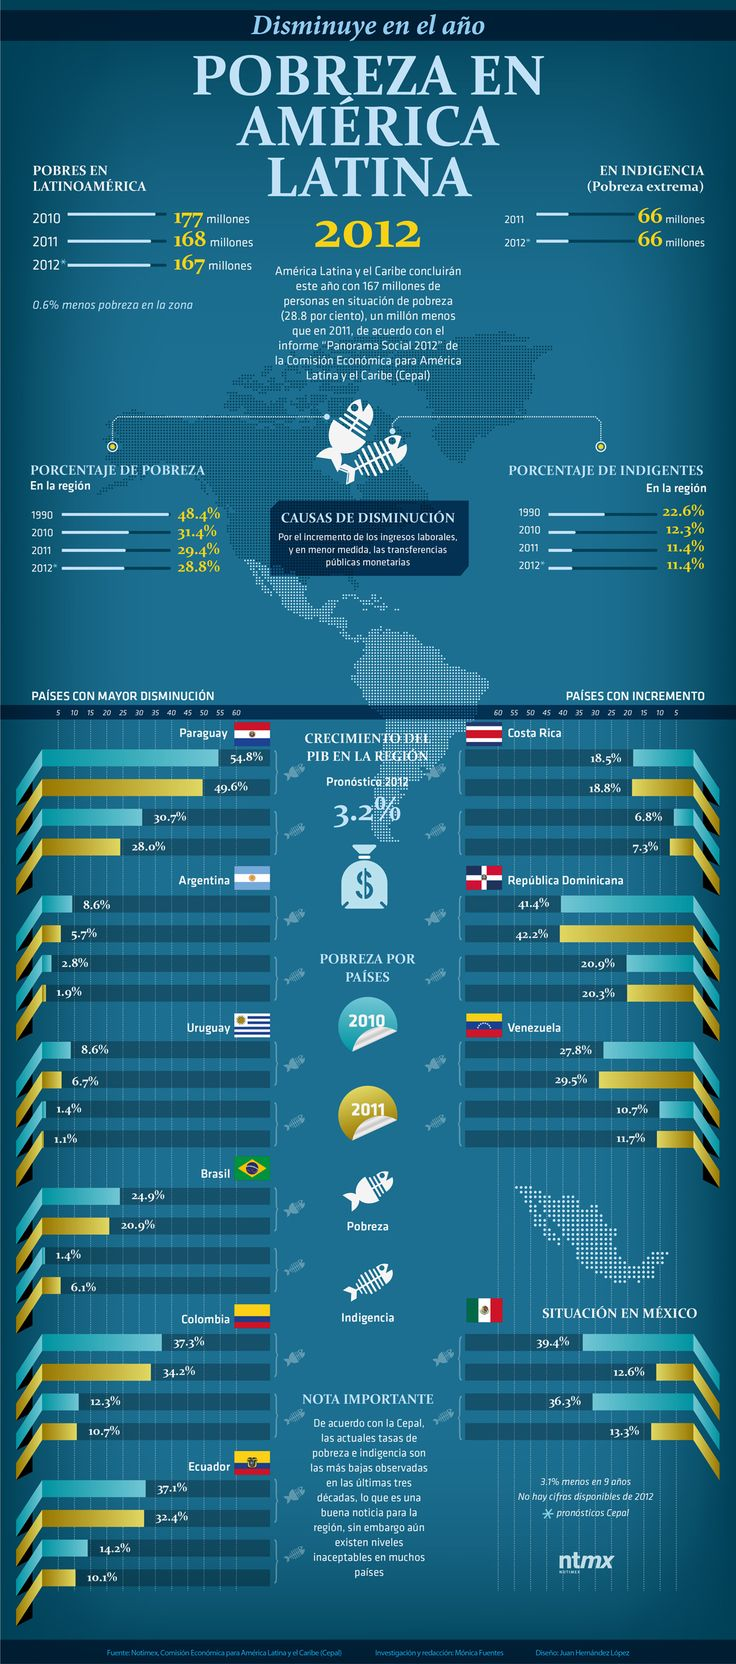 La pobreza en América Latina